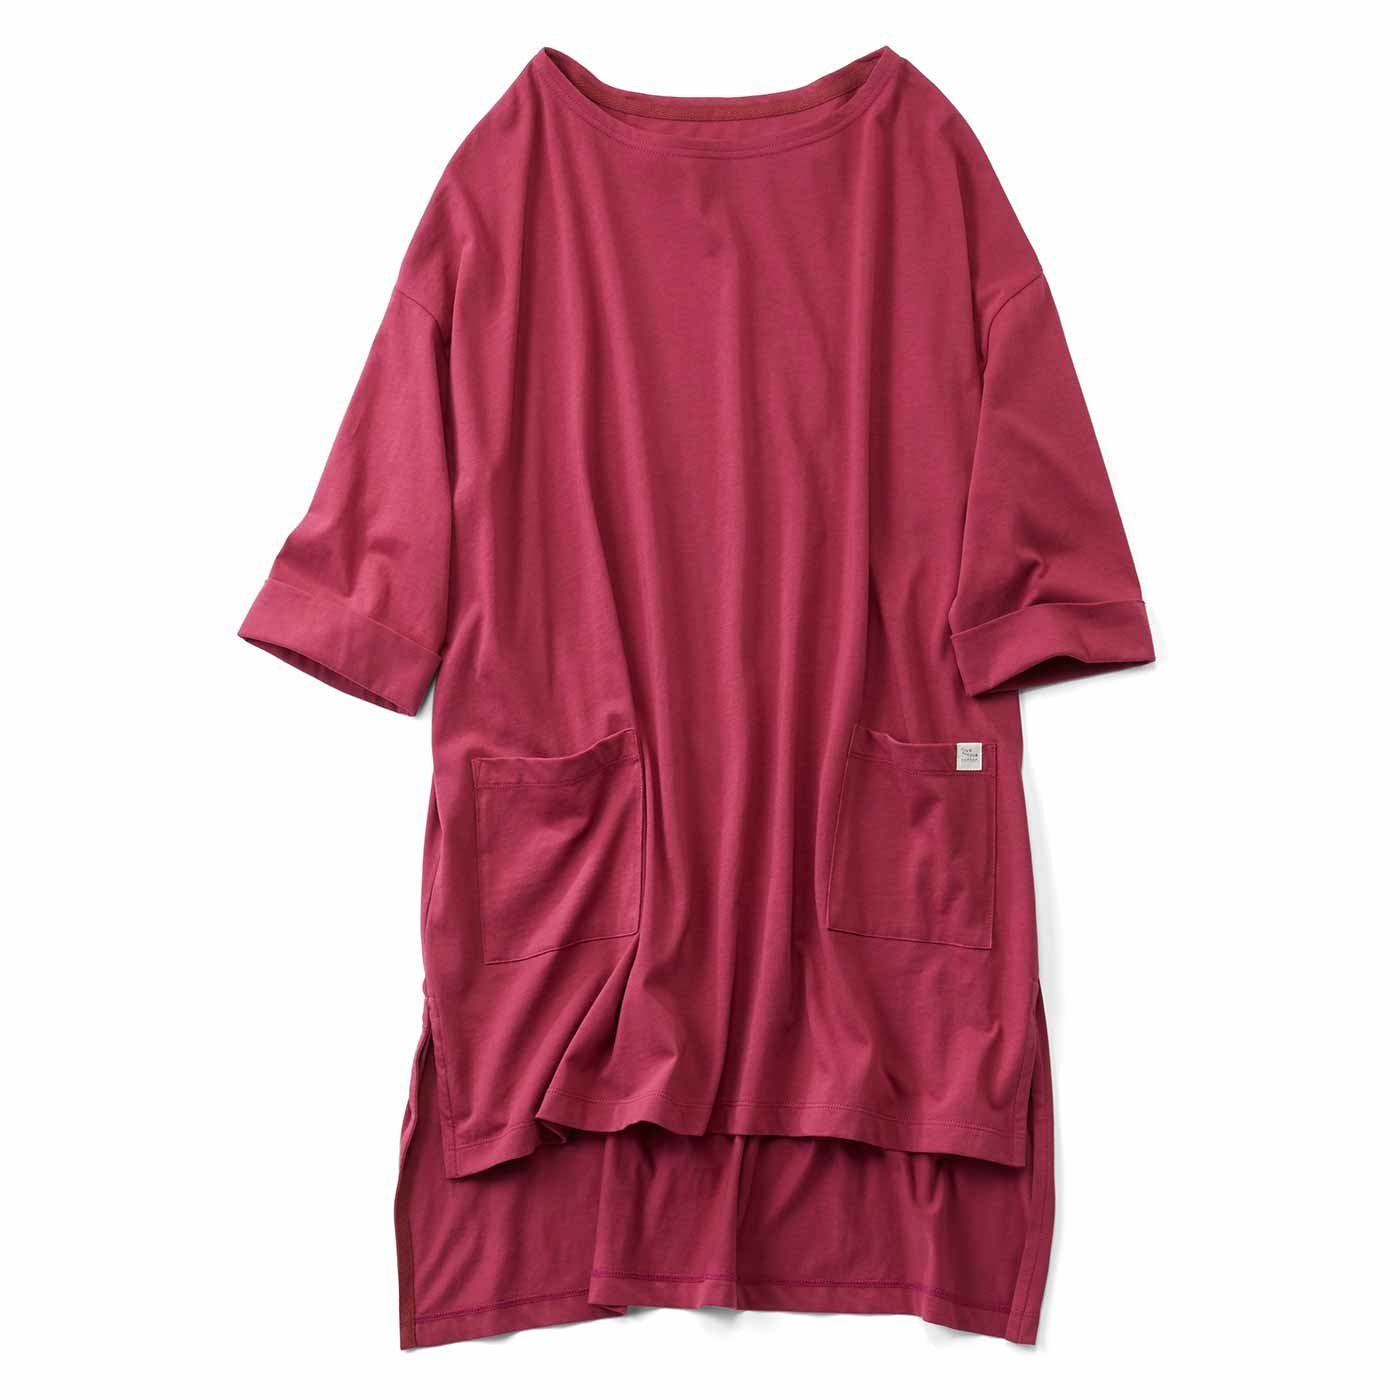 Live love cottonプロジェクト リブ イン コンフォート ざばっと着るだけ Tシャツ感覚のオーガニックコットンチュニック〈ローズレッド〉